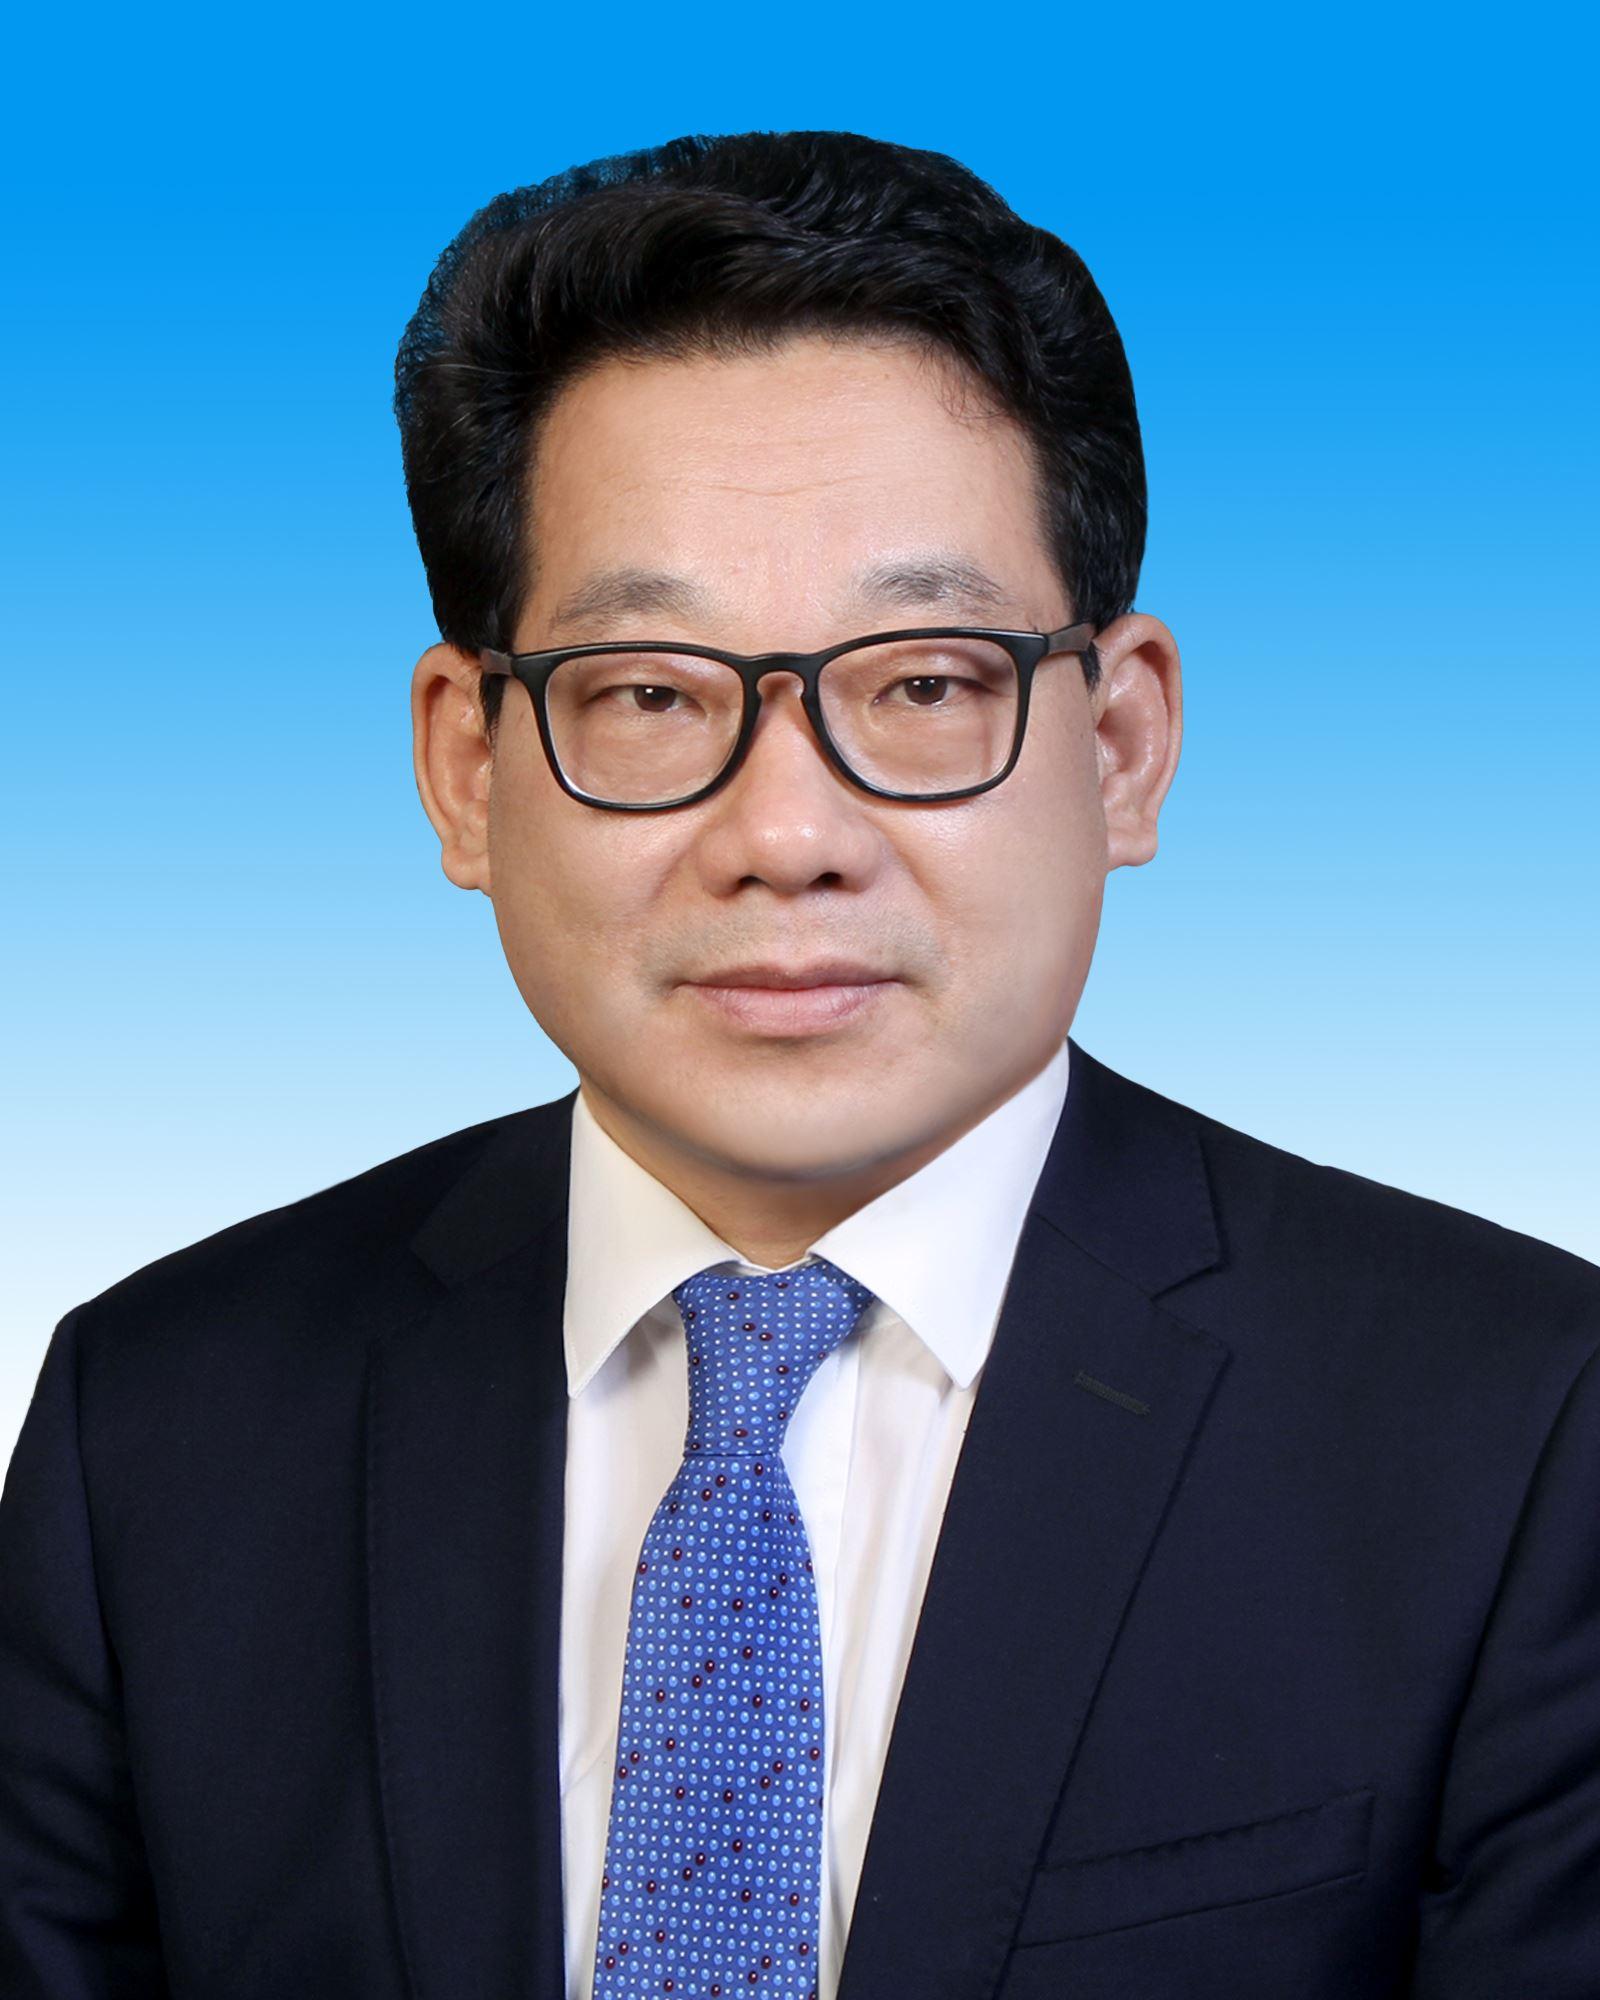 天津市河西区区长姜德志履新天津市贸促会党组书记、会长图片